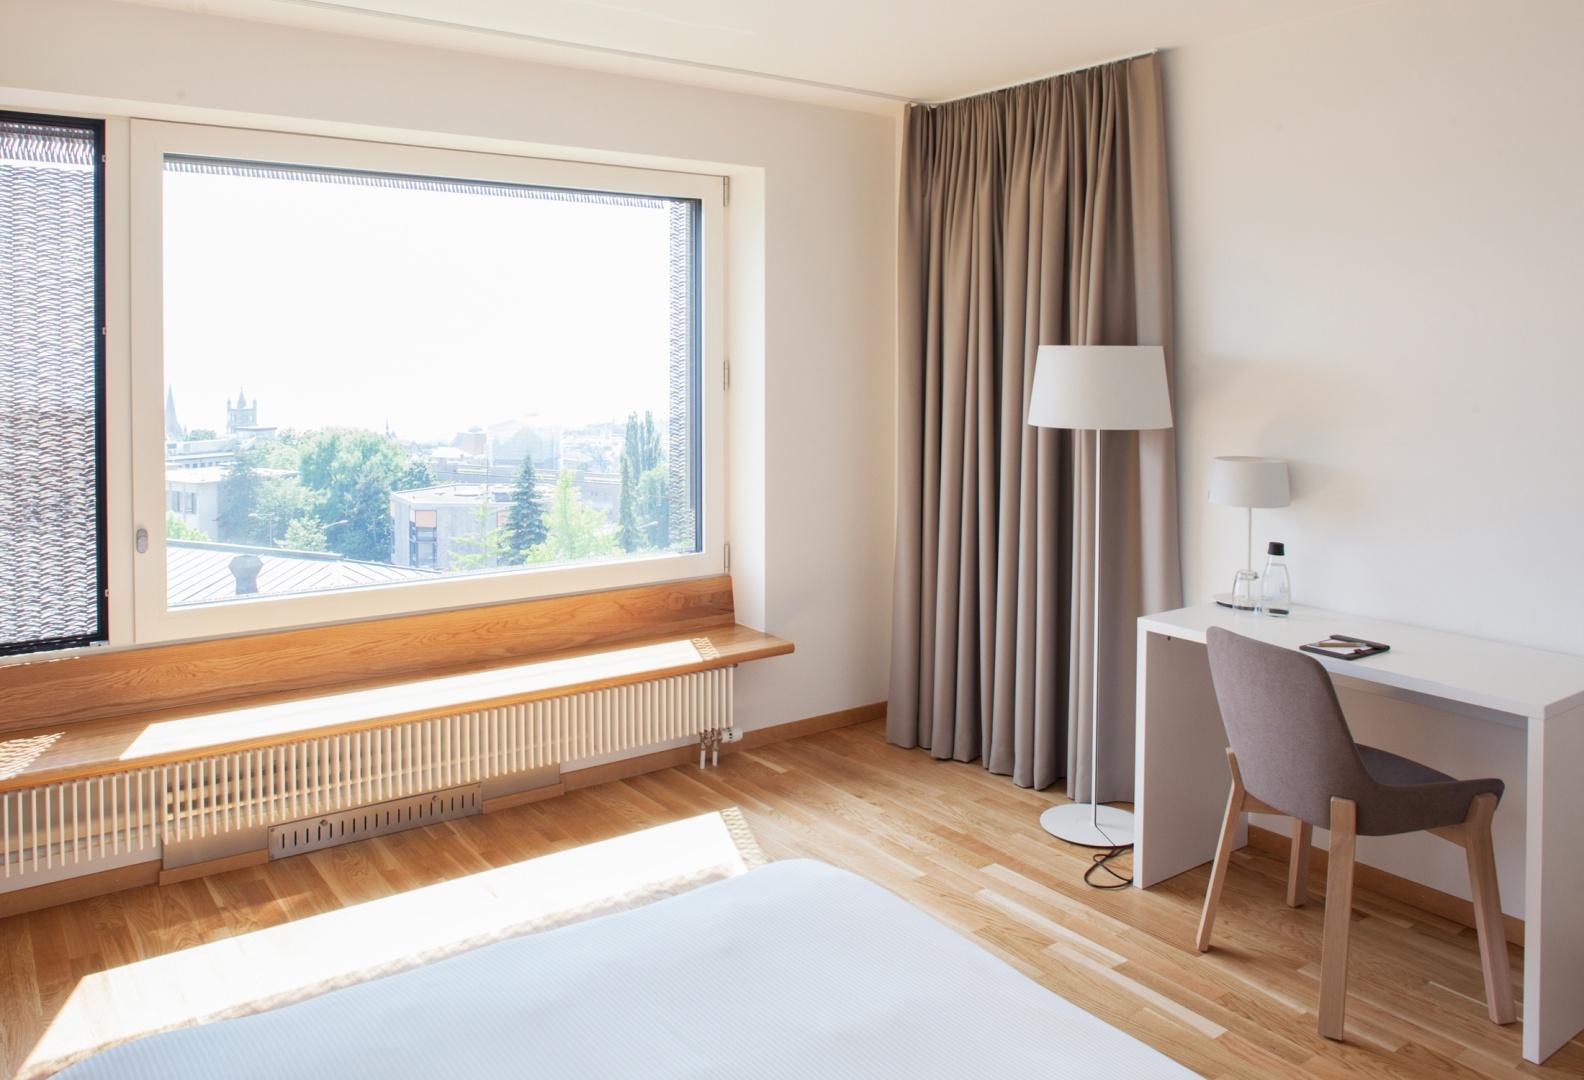 Hôtel des patients, chambre avec vue sur la cathédrale © Brauen Wälchli Architectes, Marc Schellenberg